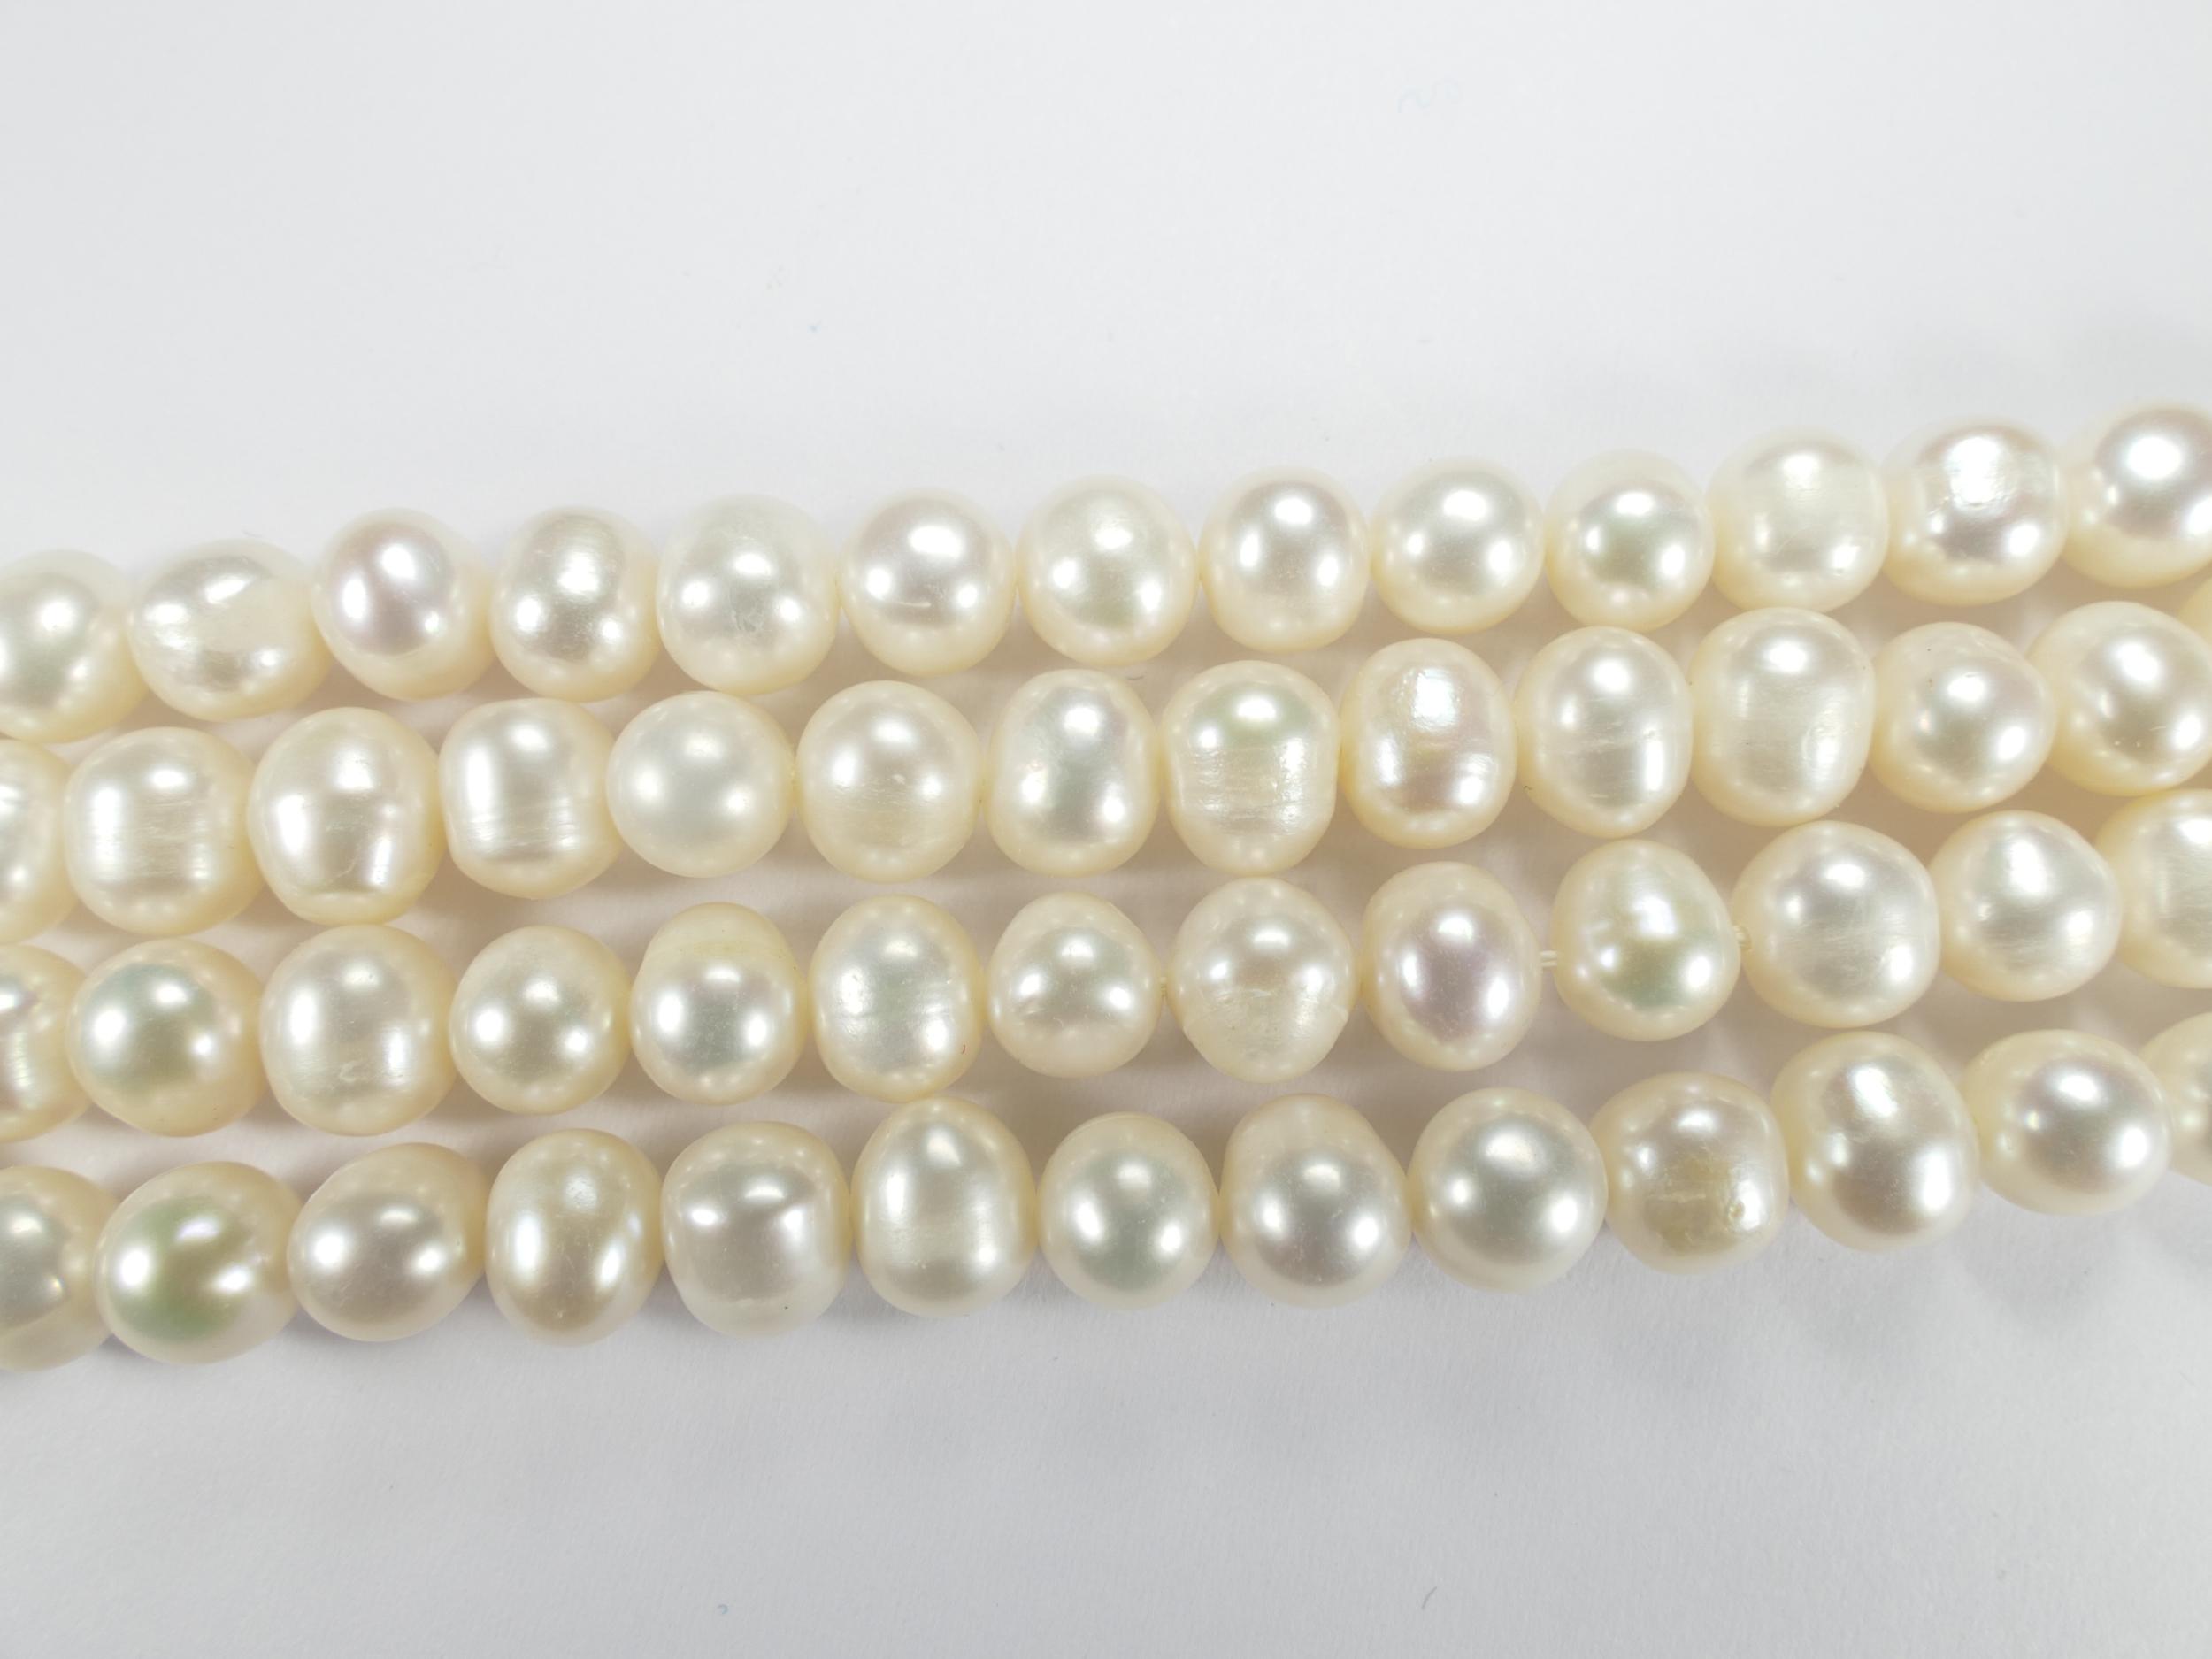 6/7mm Perle de culture blanche naturelle d\'eau douce patate ovale x20cm (7.8inch) (#AC602)